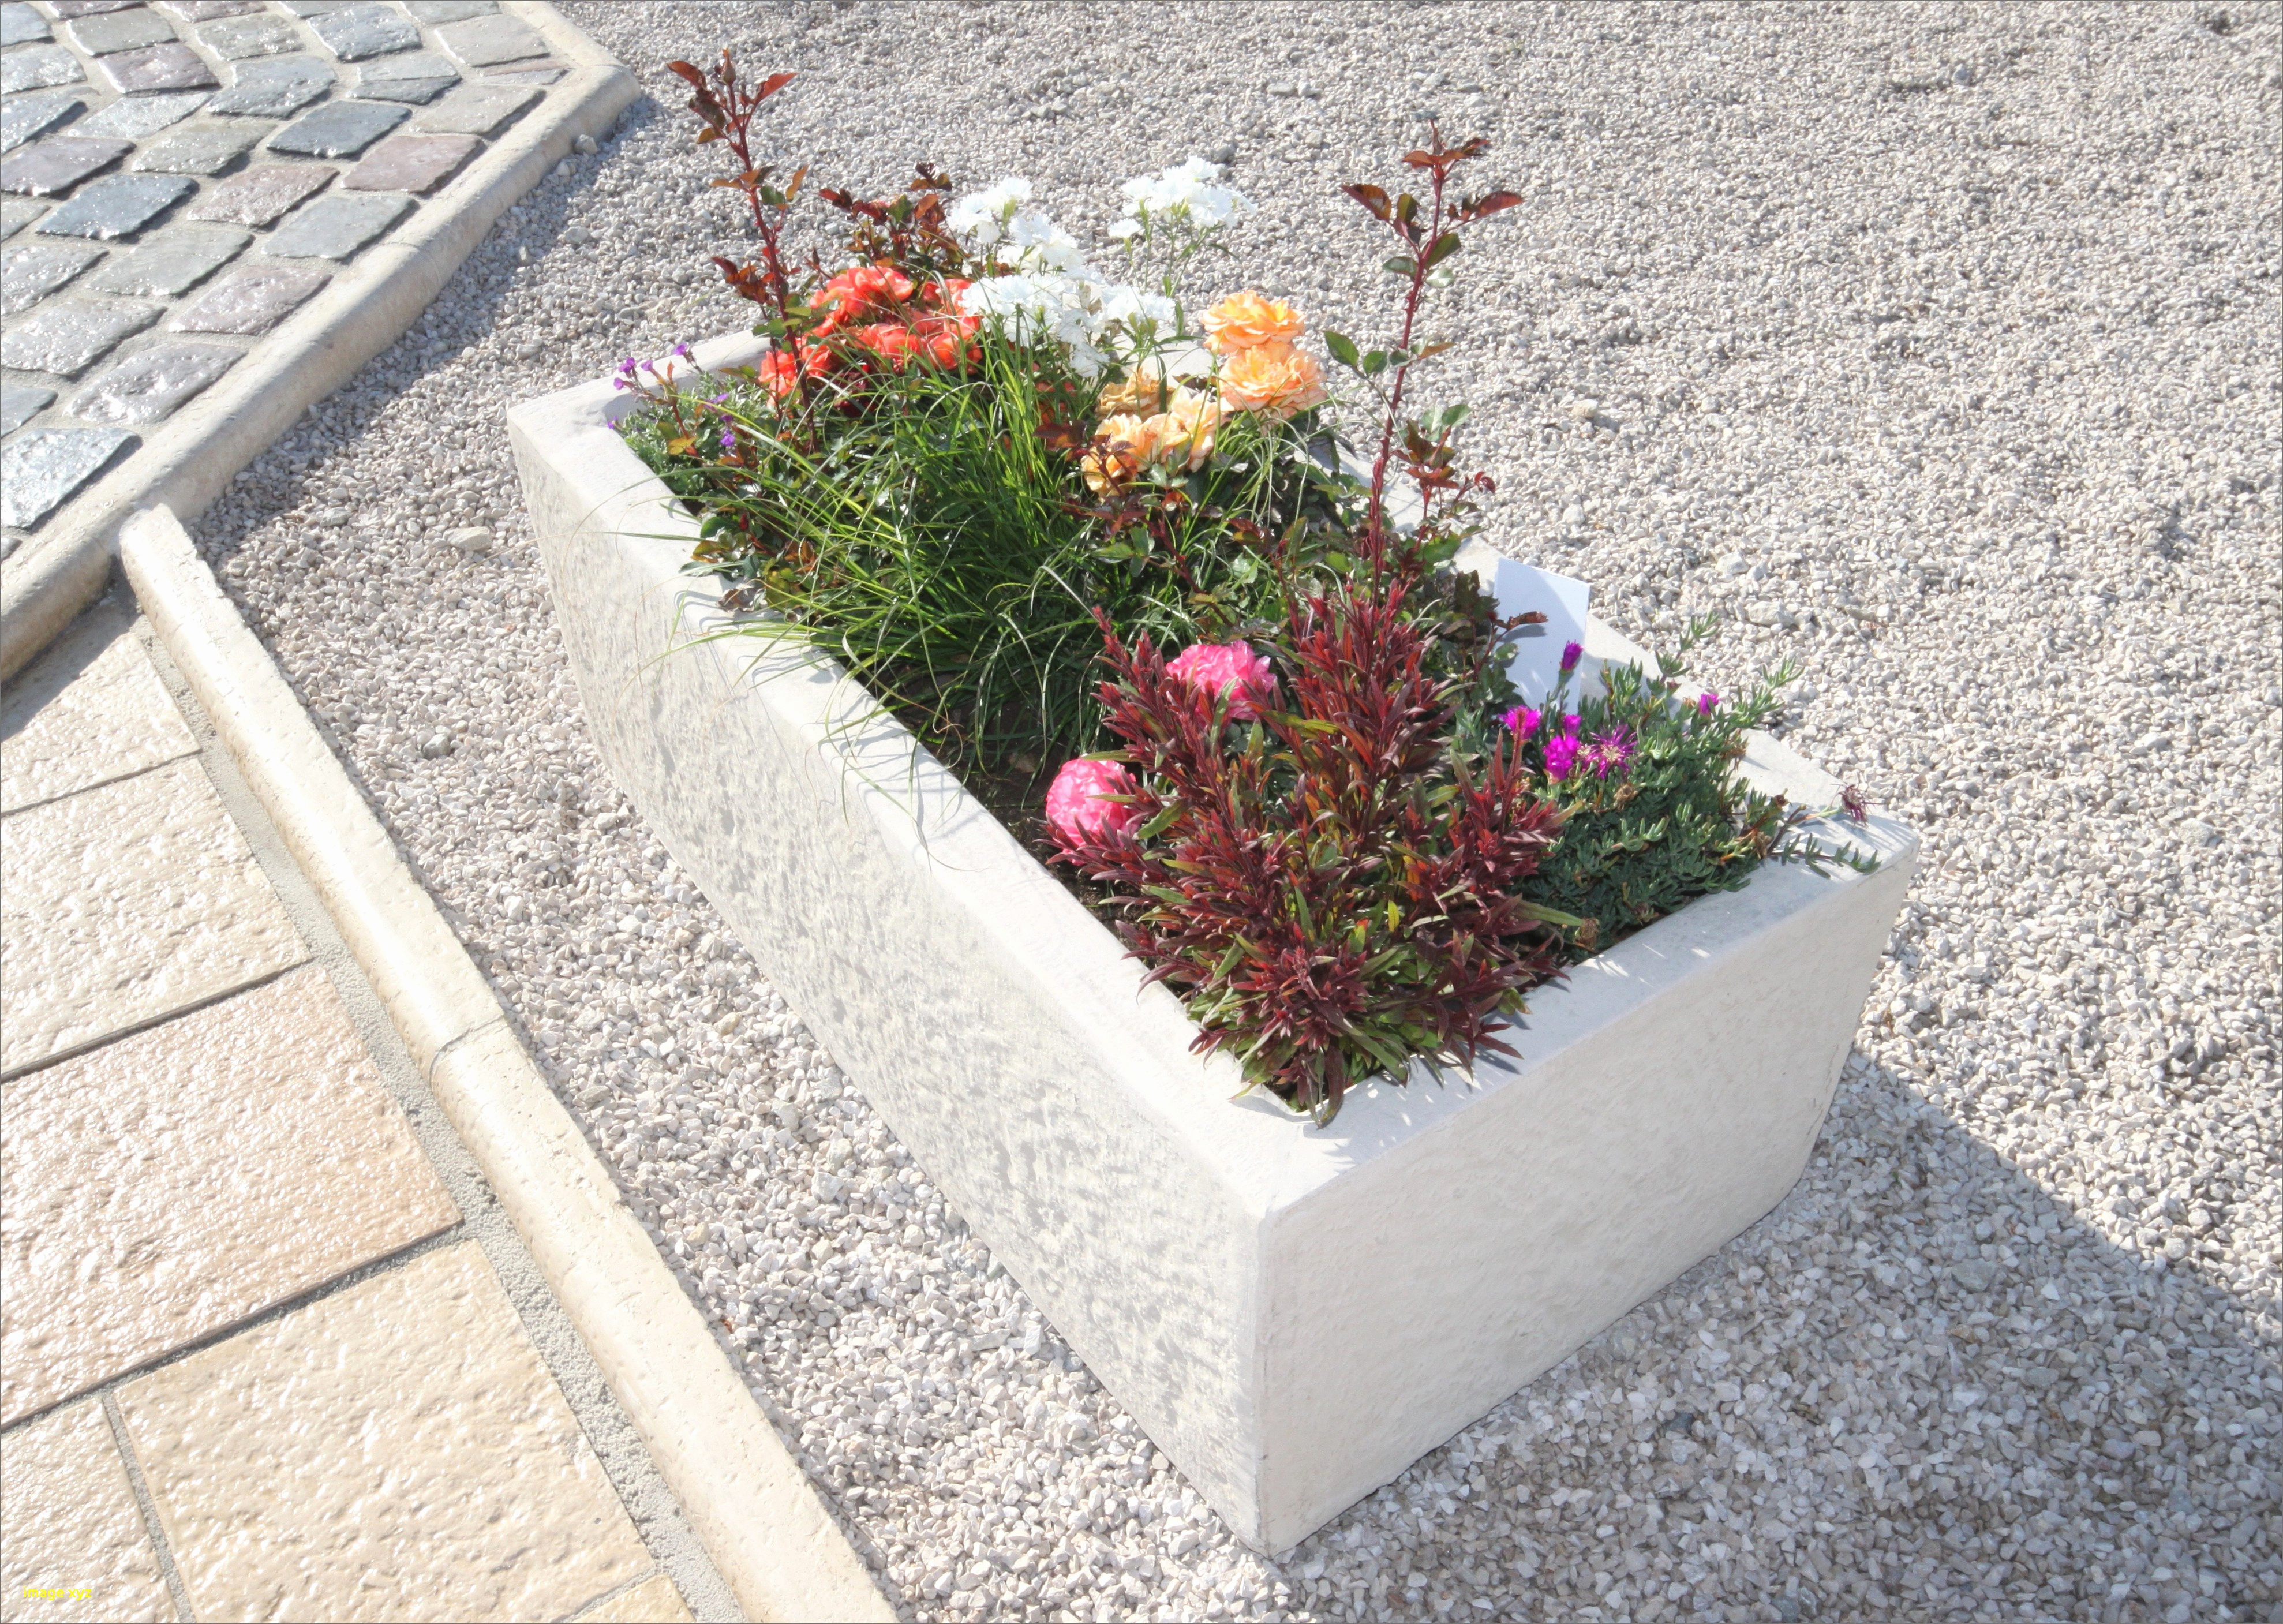 bac a fleur leroy merlin frais image bac de manutention leroy merlin. Black Bedroom Furniture Sets. Home Design Ideas